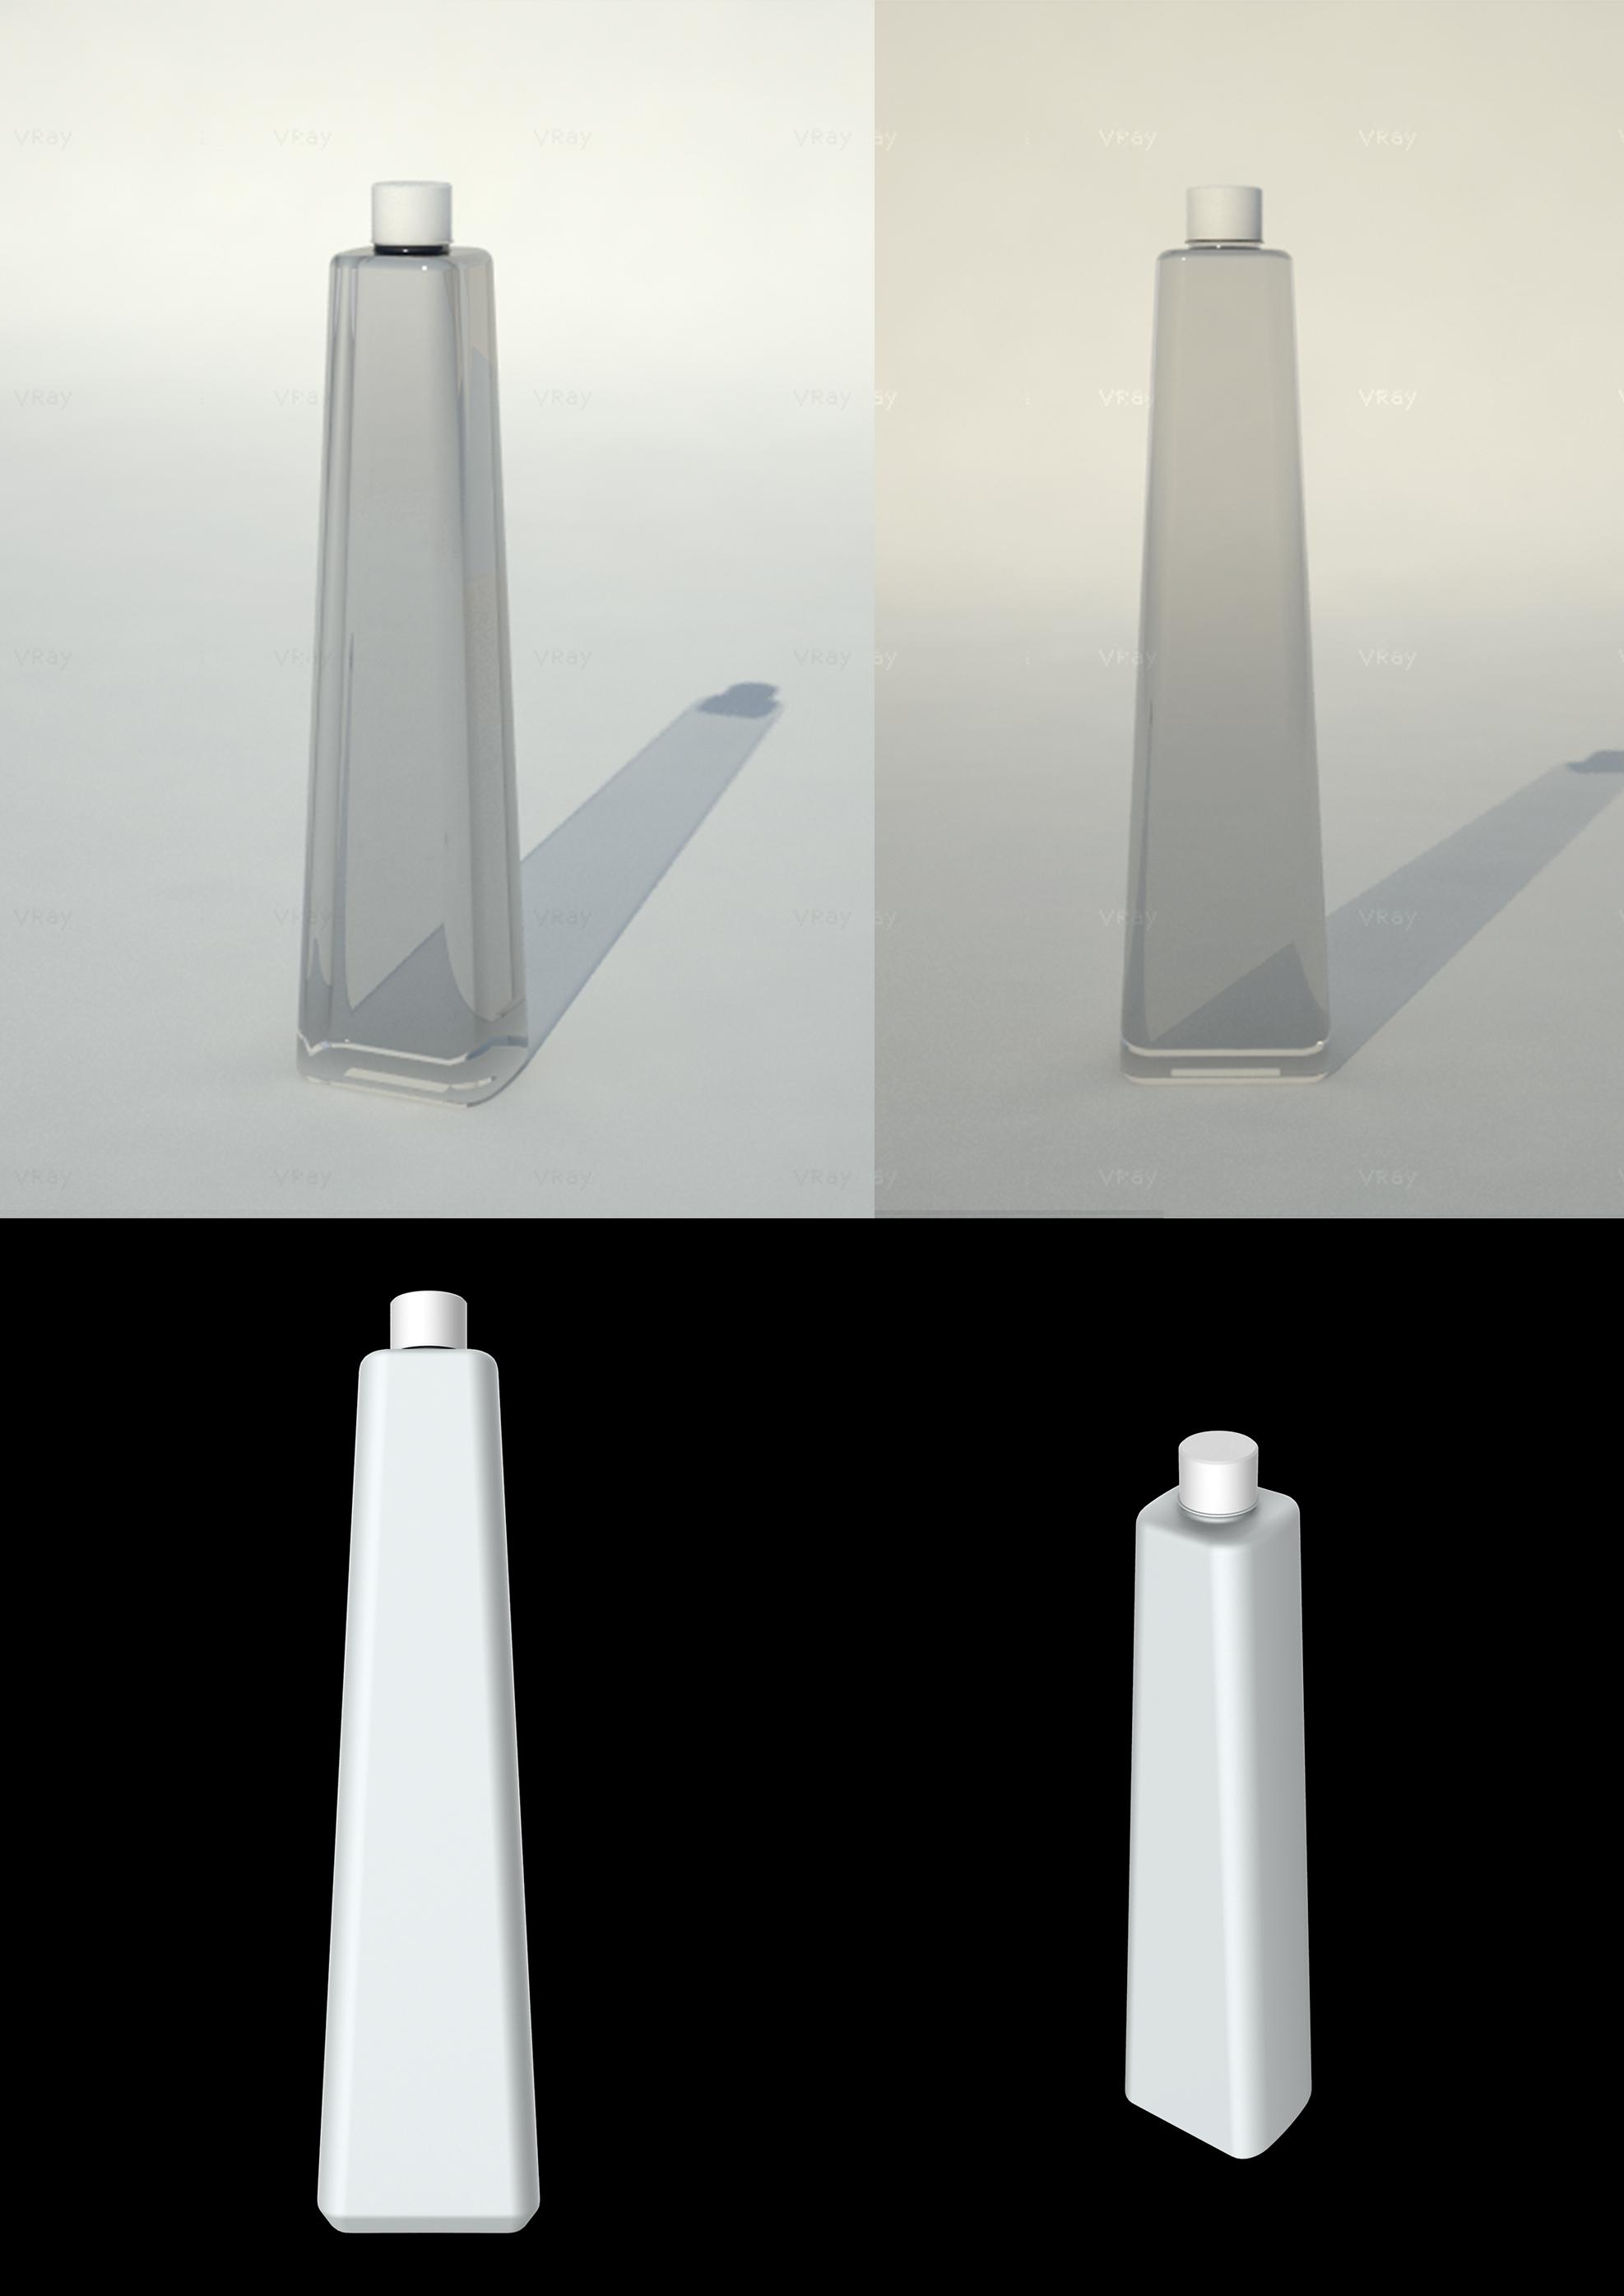 塑料产品设计基础